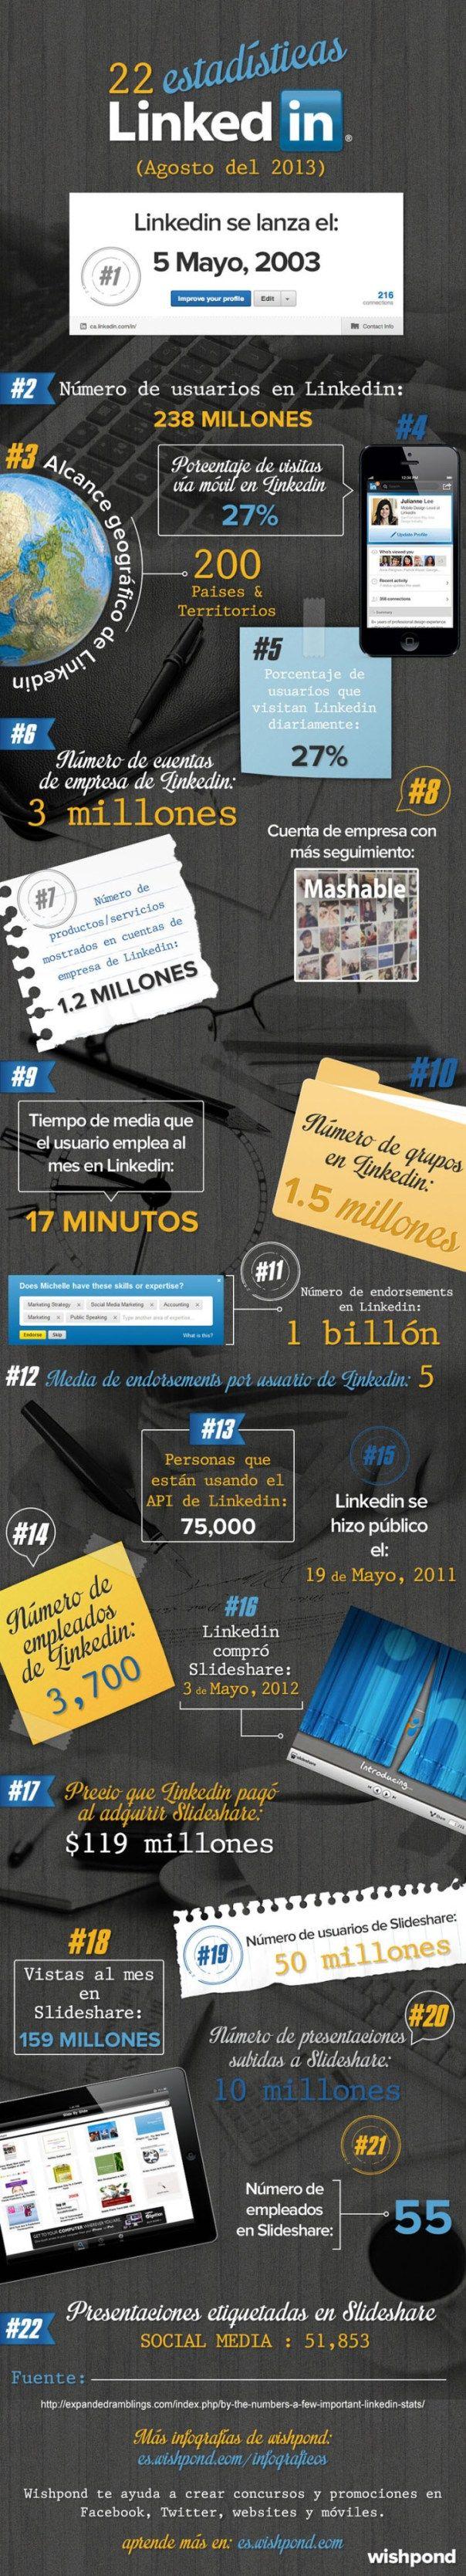 22 asombrosos datos sobre Linkedin #infografia